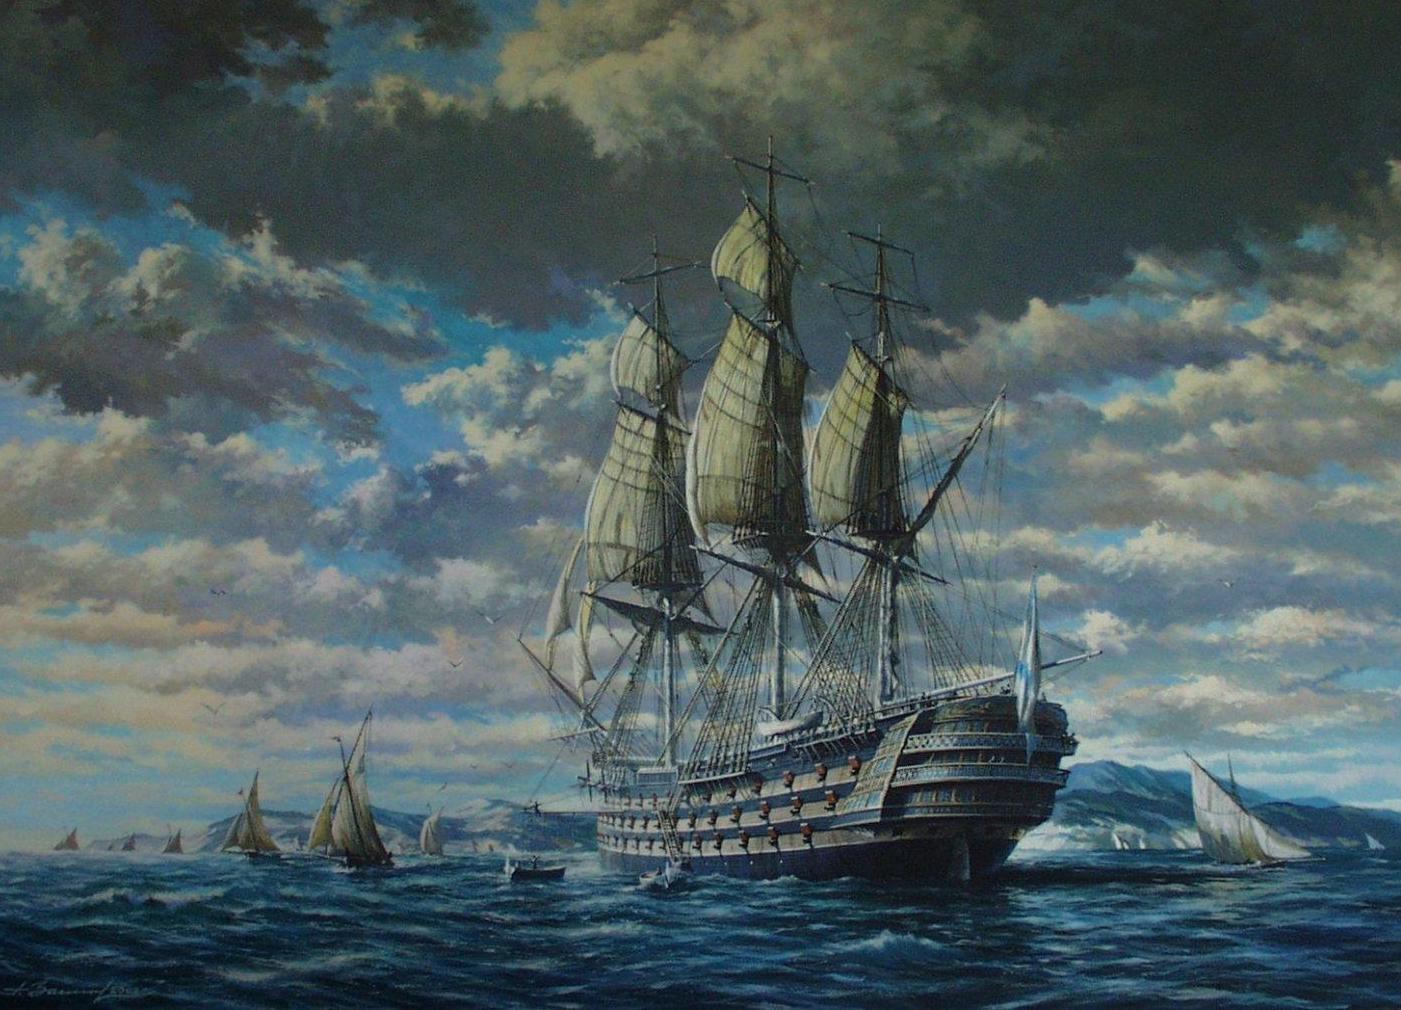 Линкор - броненосный линейный корабль, этапы создания, вооружение